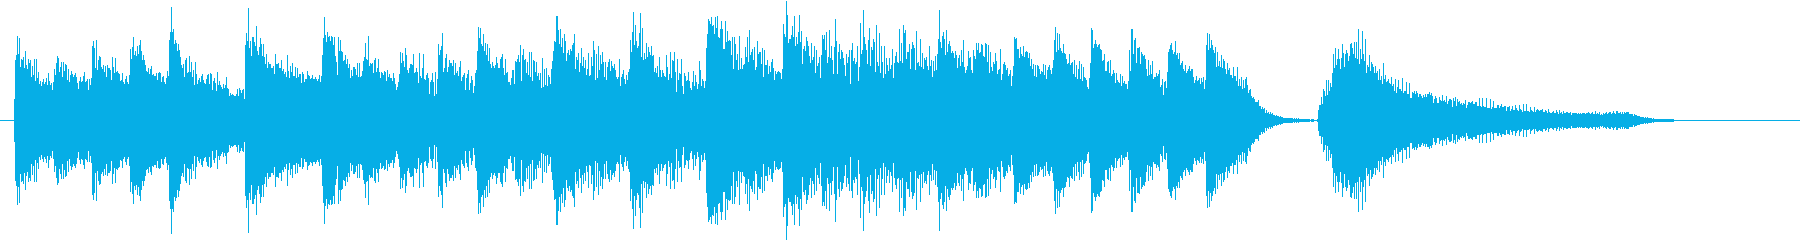 お正月・一月一日モチーフピアノジングルCの再生済みの波形